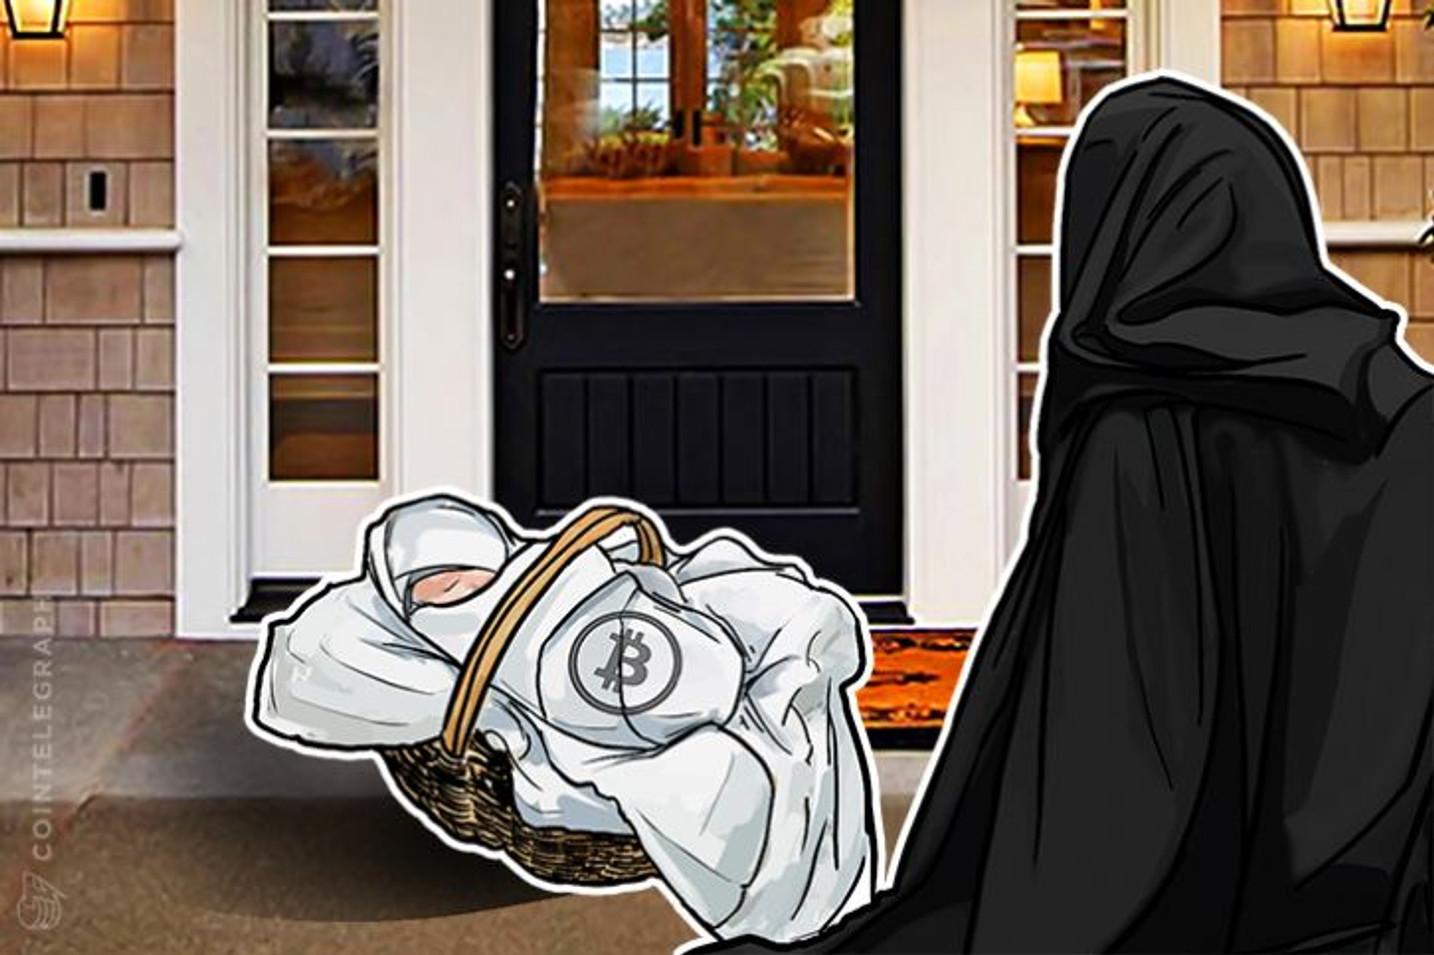 Duga priča ukratko: Ko je napravio Bitkoin?